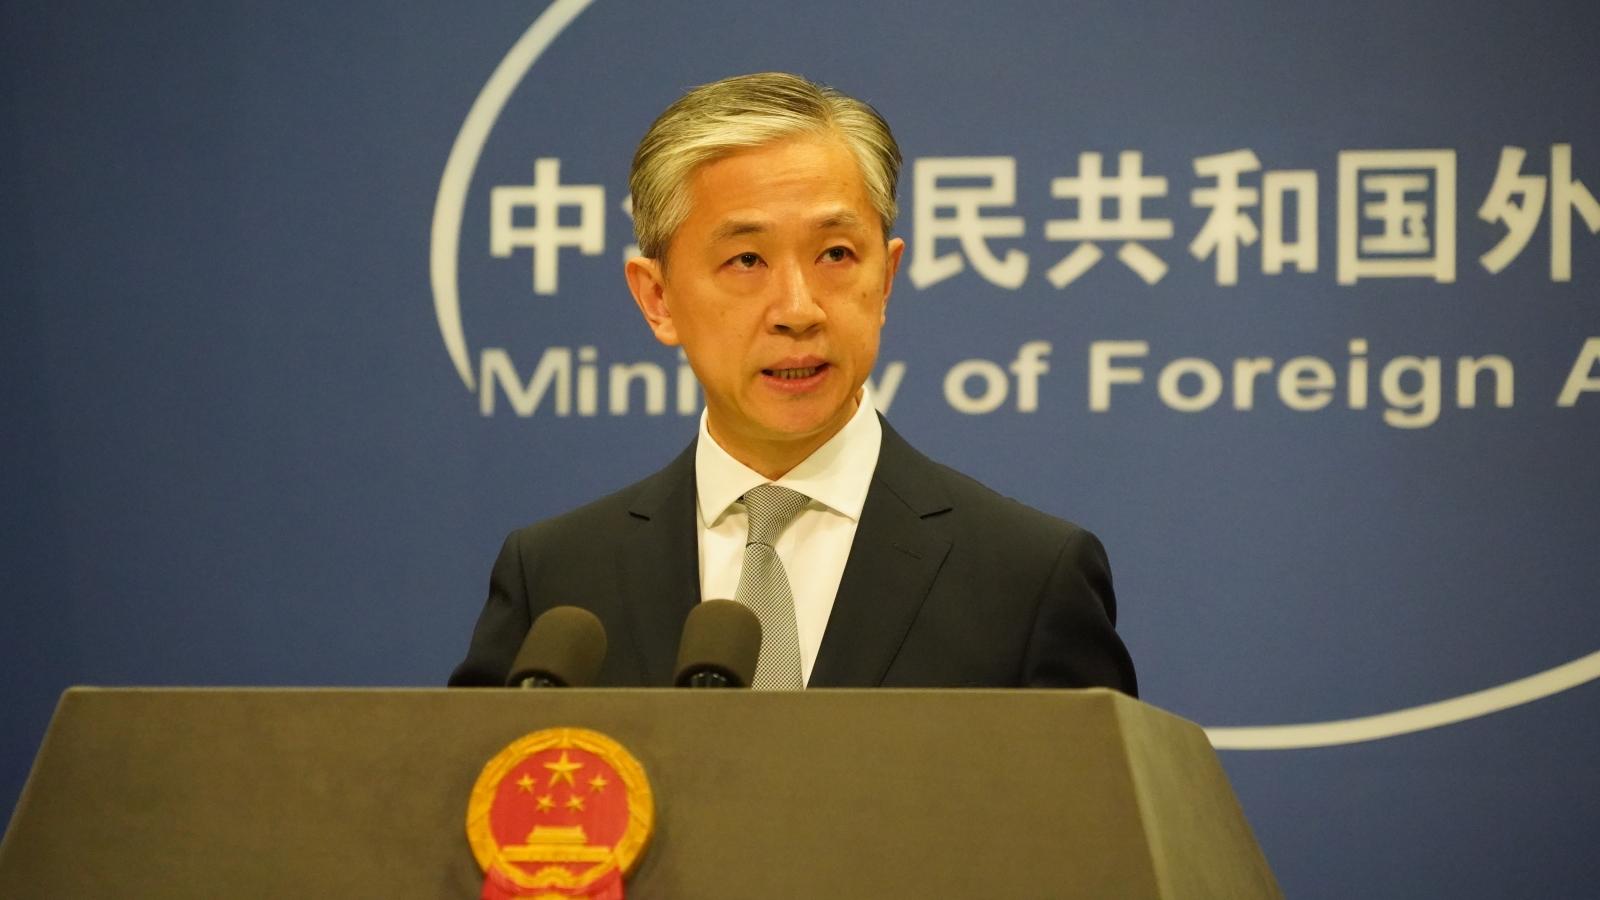 Trung Quốc phản bác các chỉ trích của Tổng thống Mỹ